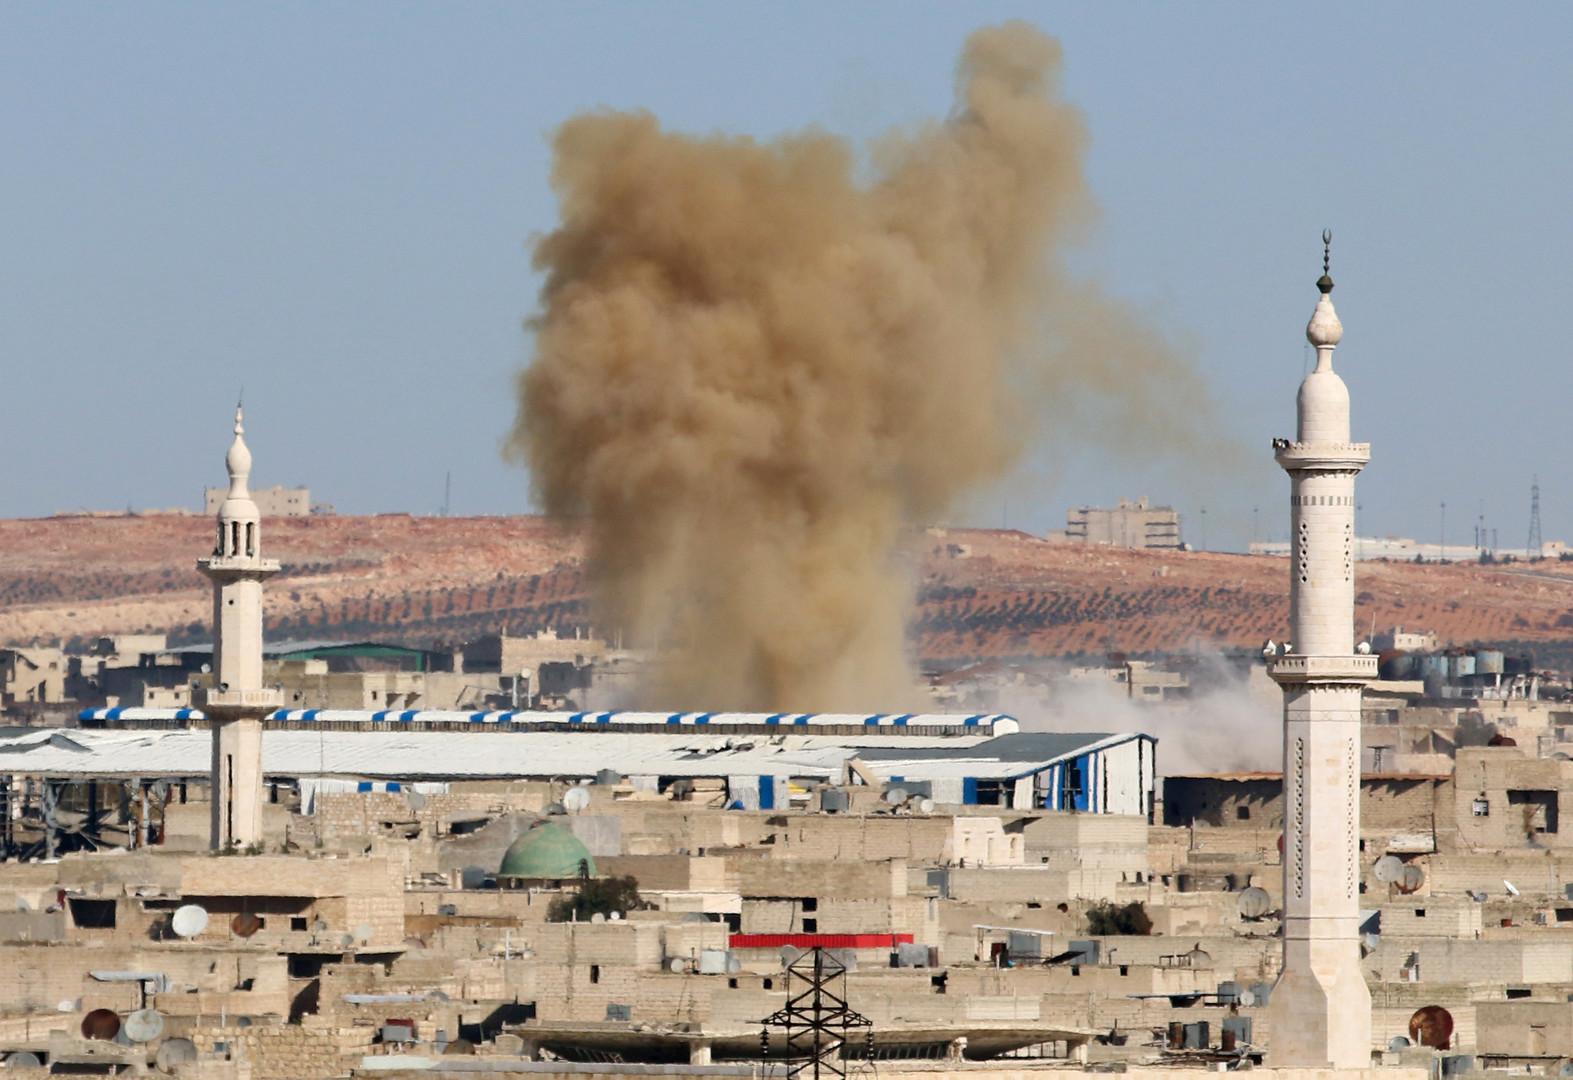 Геополитическая химия: газовые атаки в Алеппо не заинтересовали международных экспертов